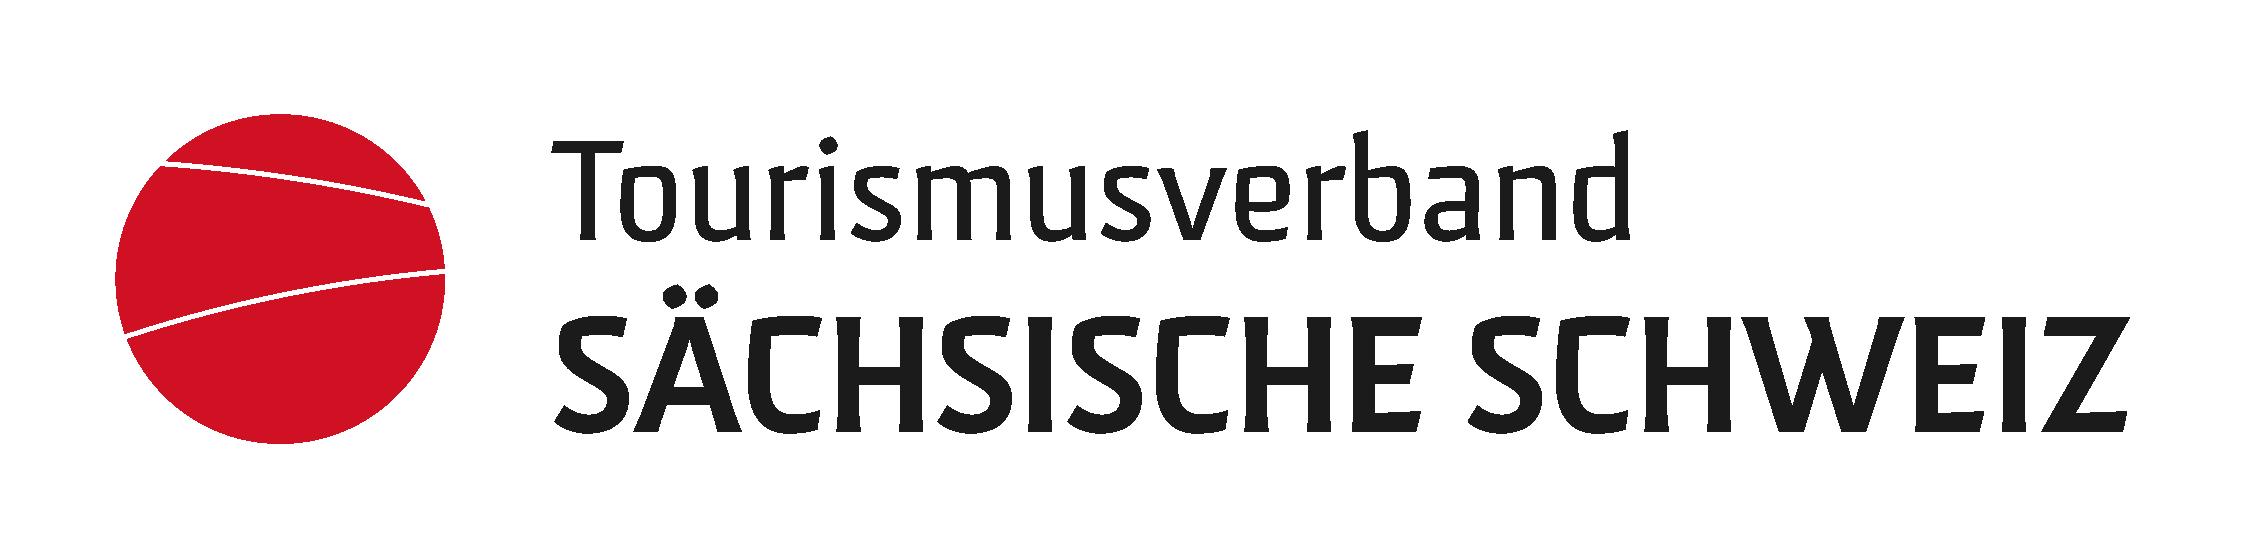 Logo Tourismusverband Sächsische Schweiz e.V., Projektkoordination Elberadweg-Süd